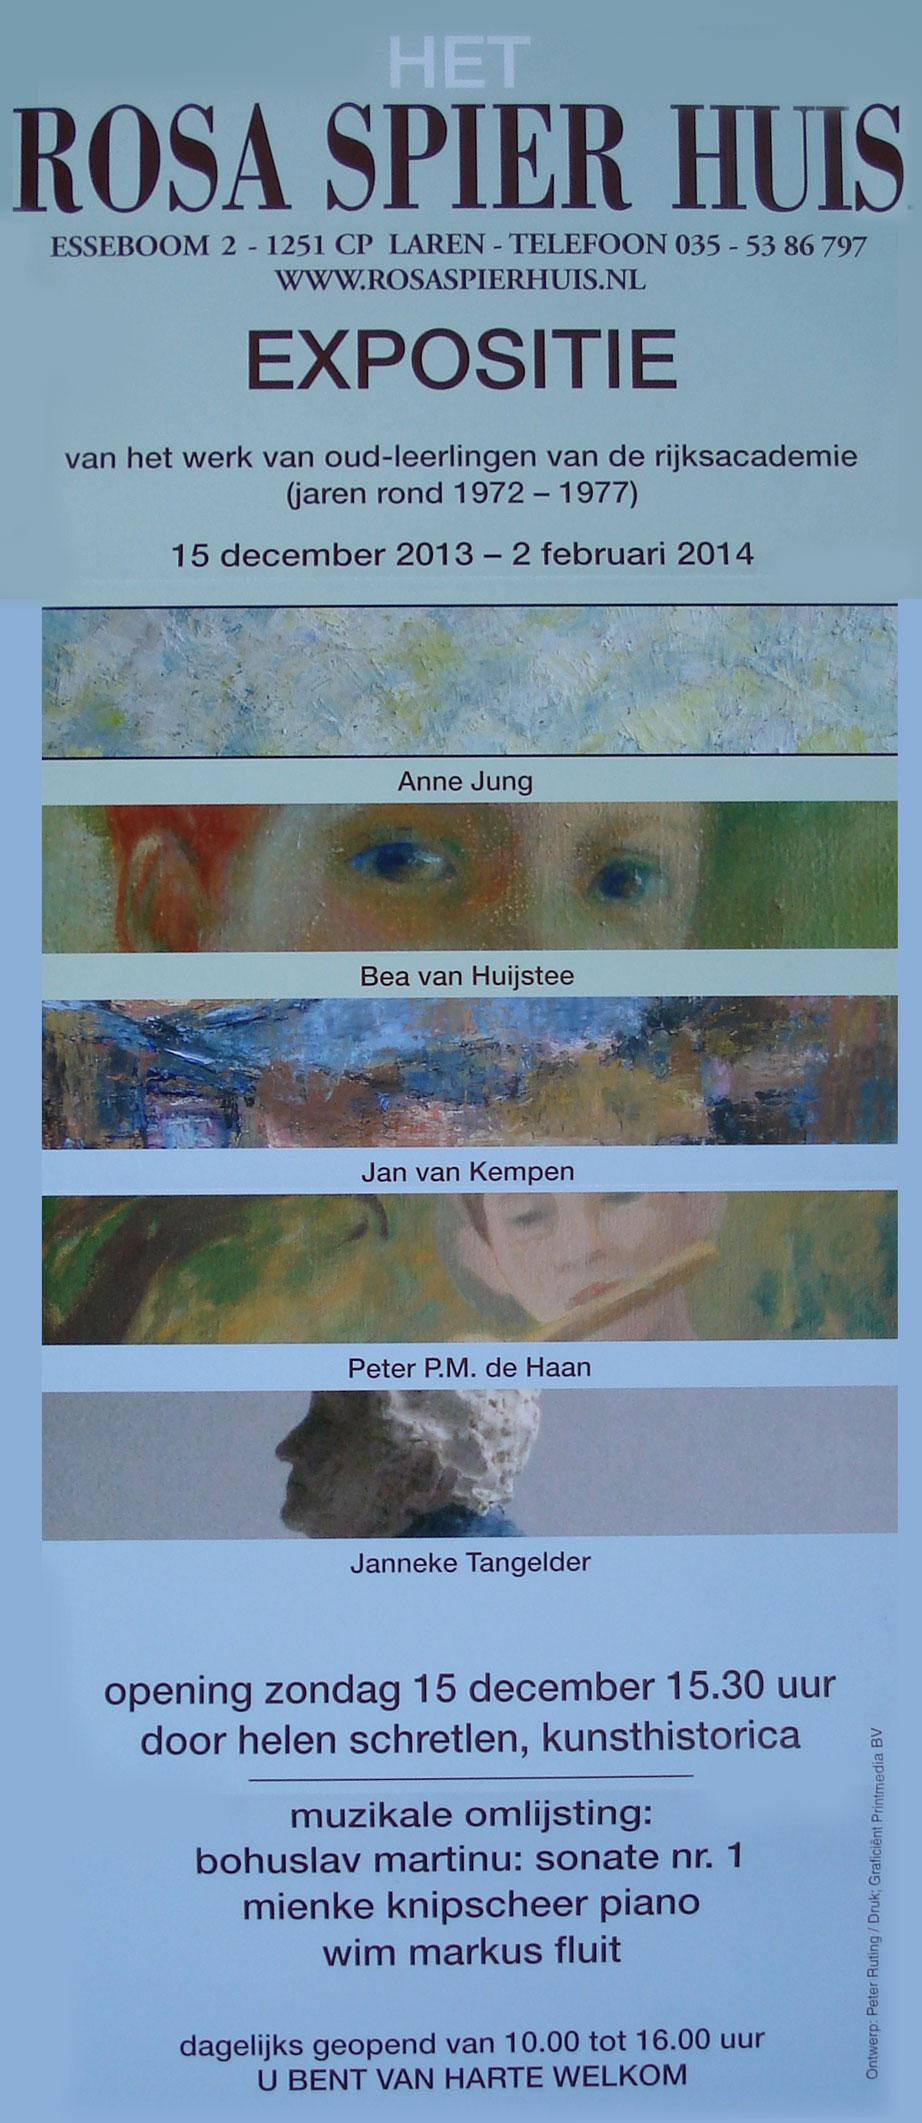 Postuum deelname Anne Jung aan expositie Rosa Spier Huis